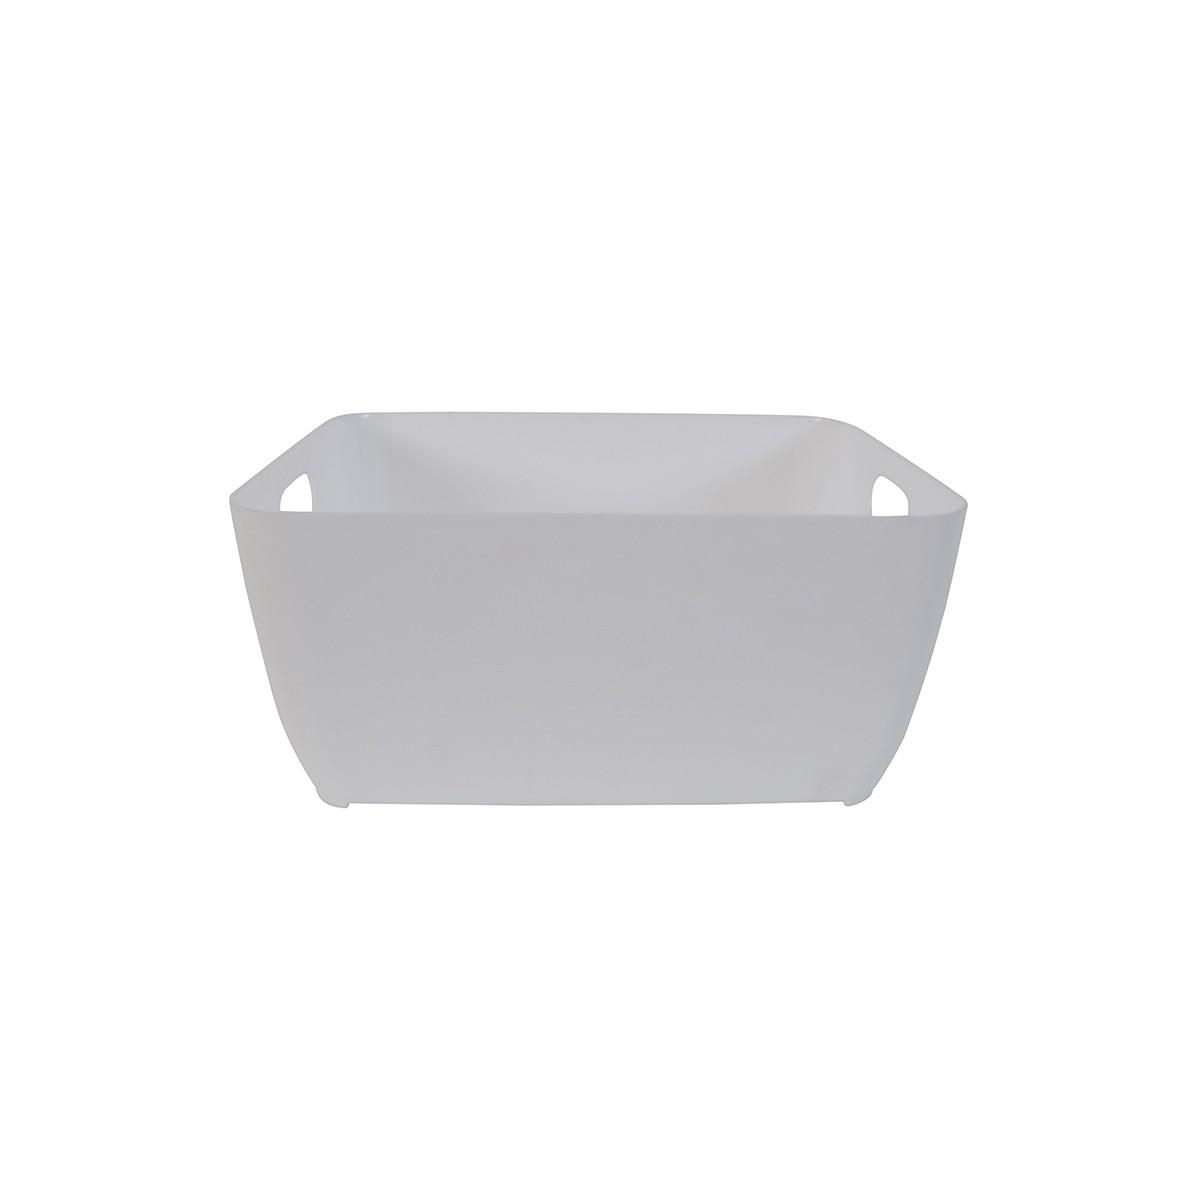 Κουτί Αποθήκευσης Spirella Store Box Small 05041.003 White